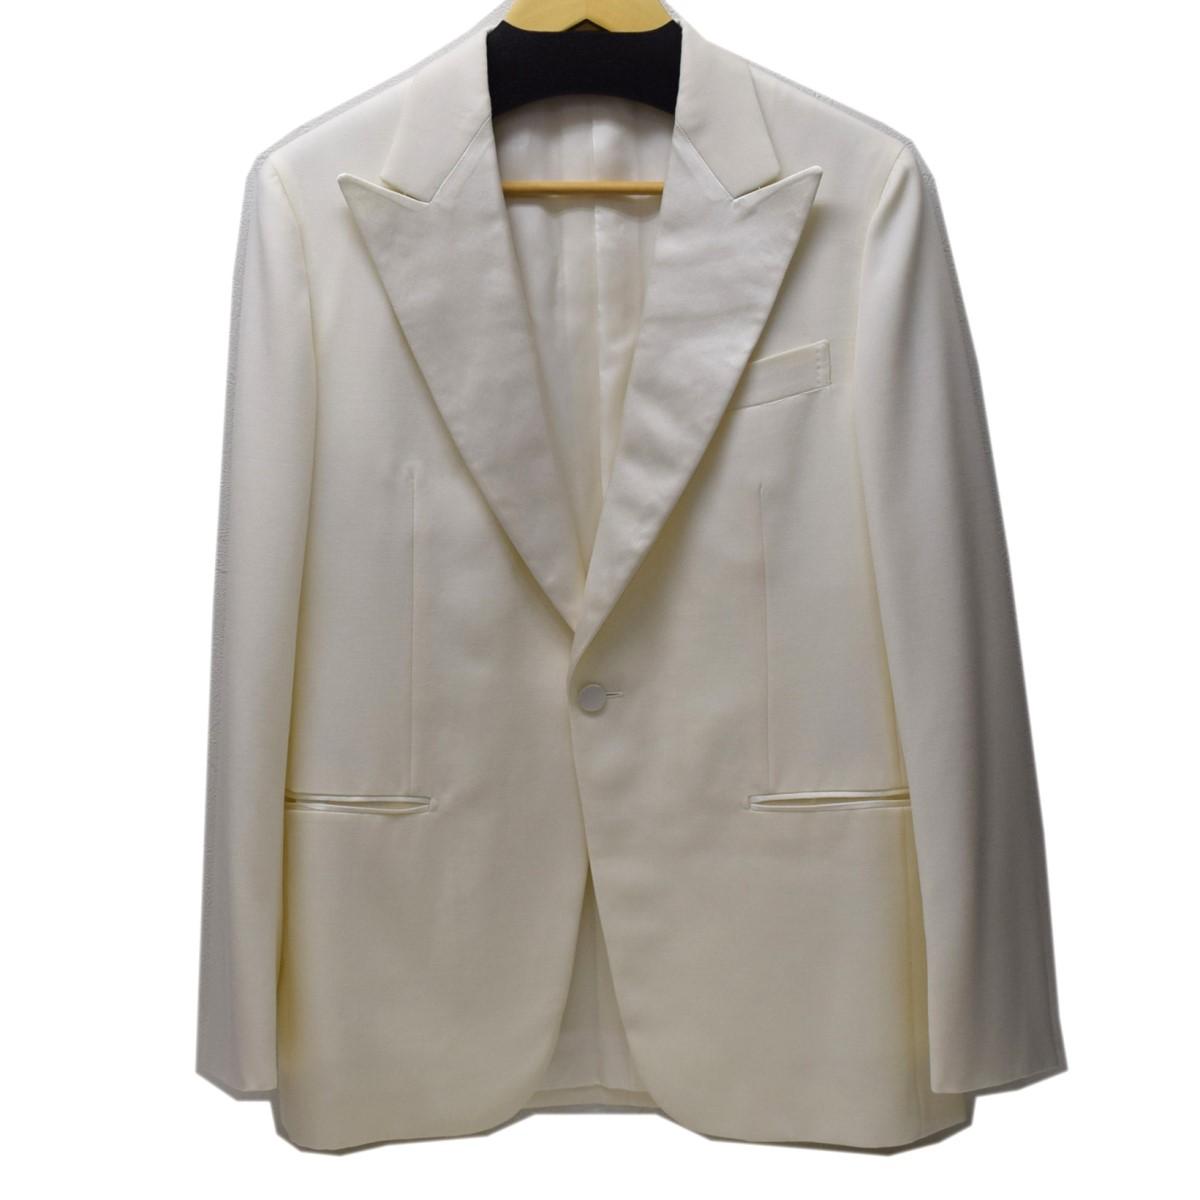 【中古】UNITED ARROWS タキシードジャケット ホワイト サイズ:46 【110420】(ユナイテッドアローズ)